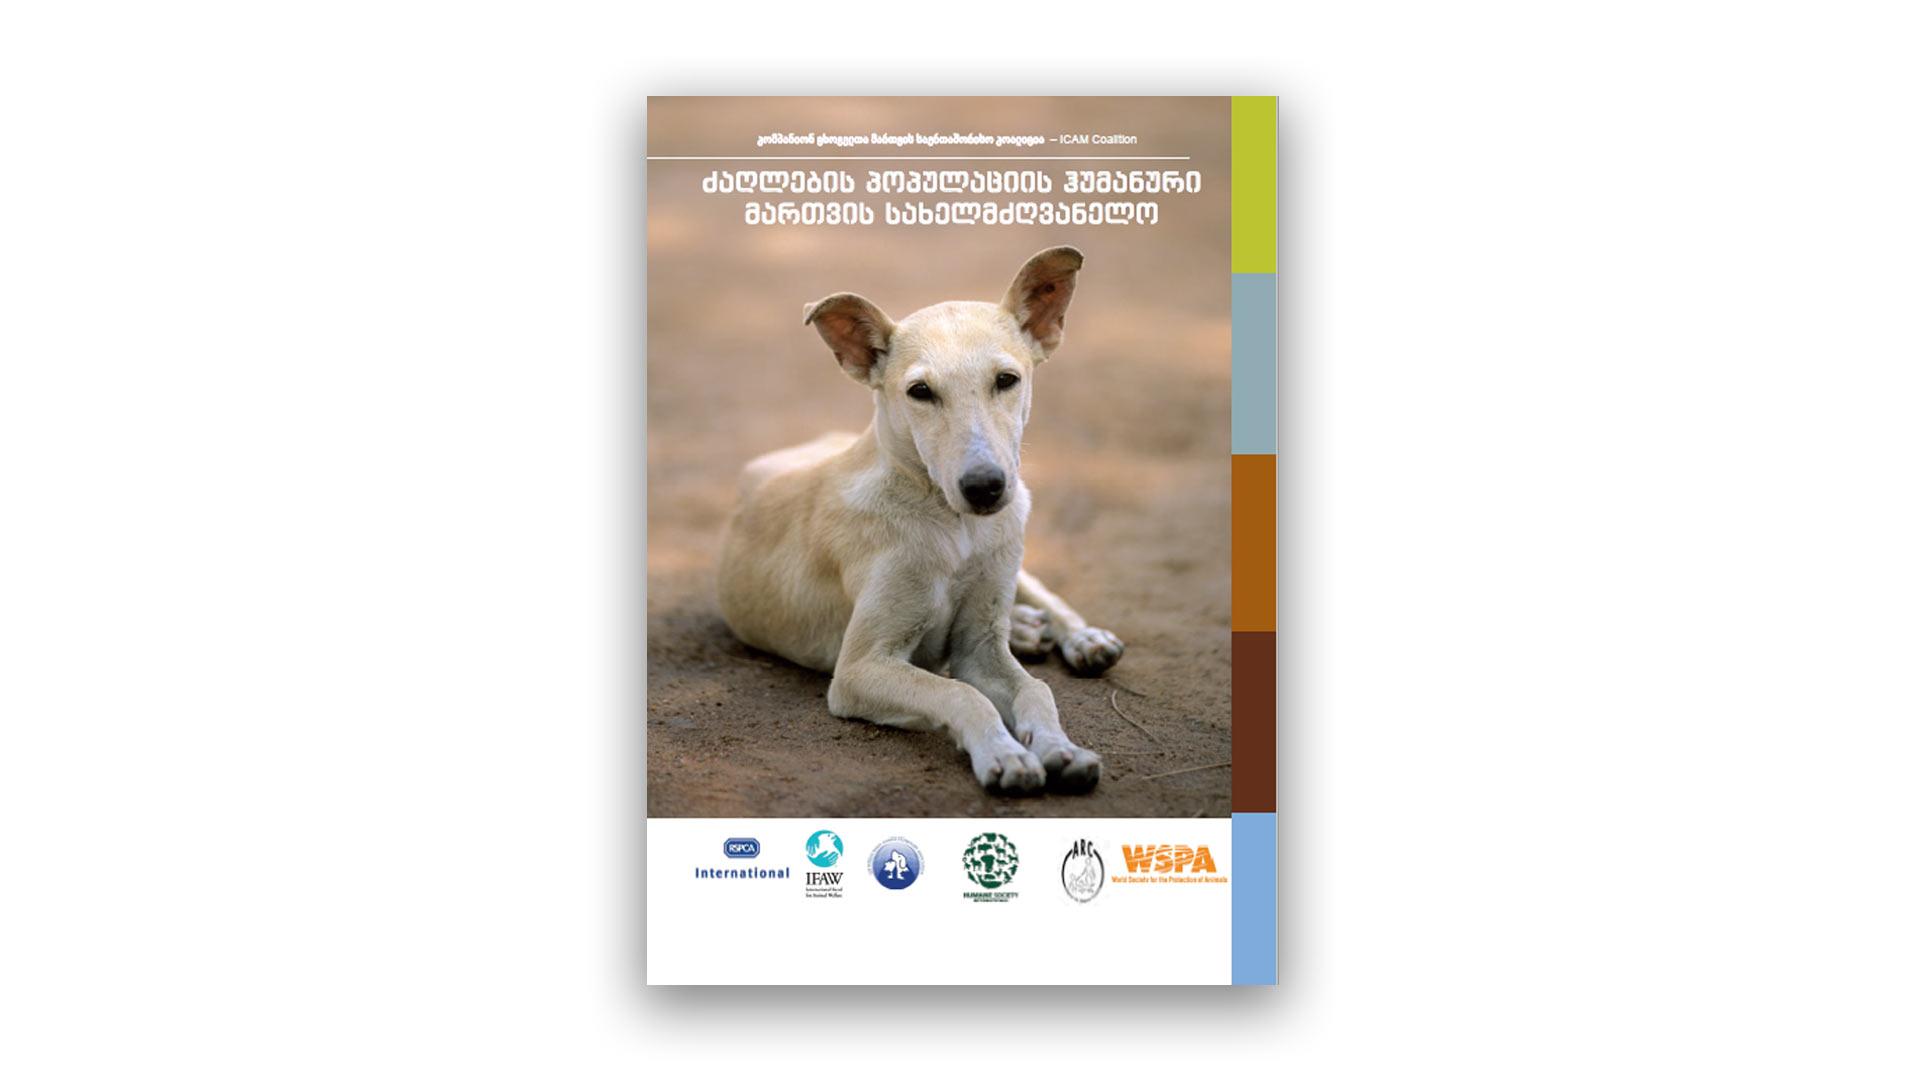 ცხოველების პოპულაციის ჰუმანური მენეჯმენტი (ინგ)